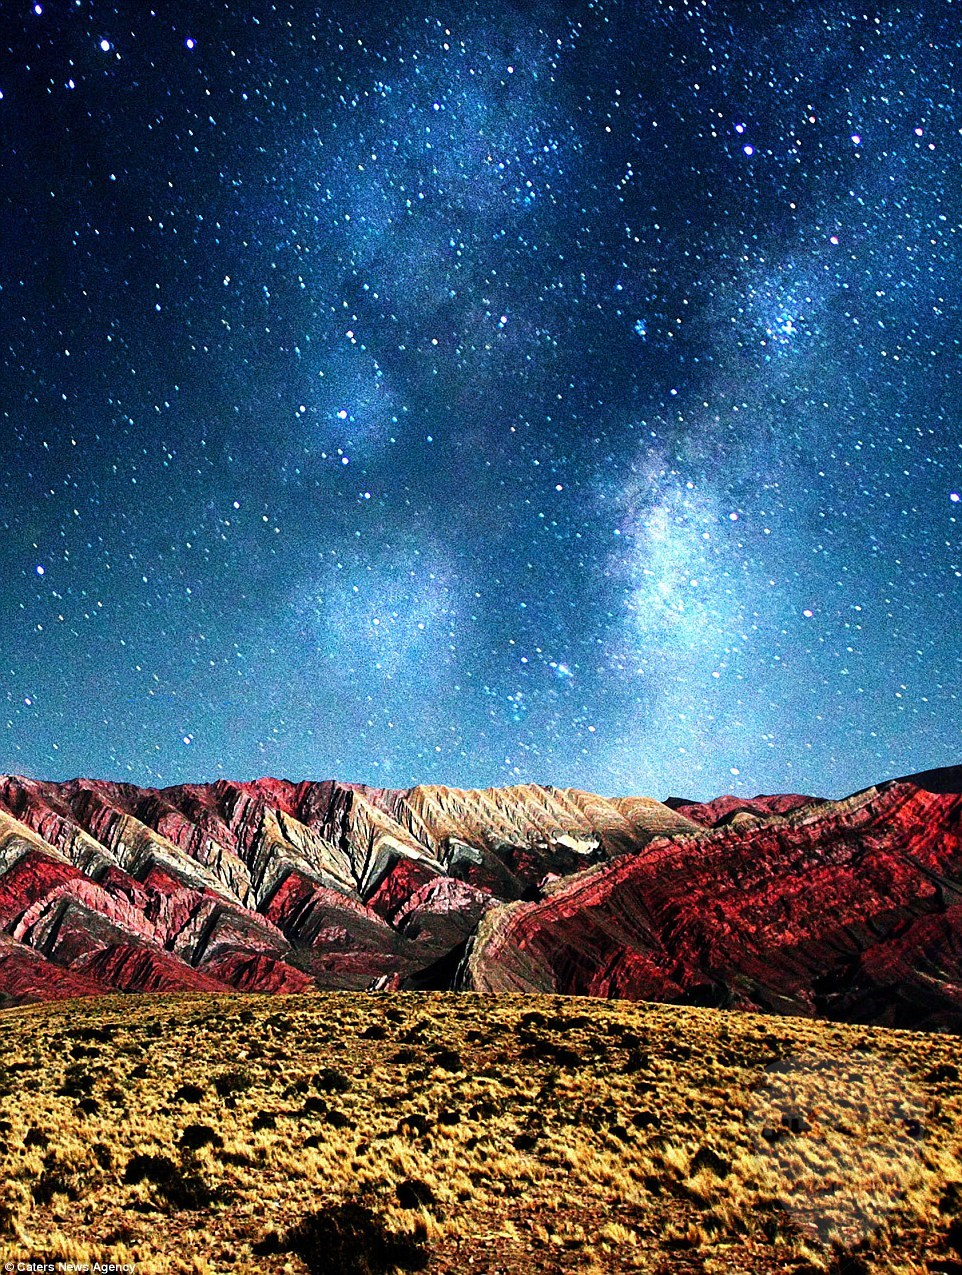 صور وخلفيات جبال وشلالات طبيعية HD خلفيات جبال خضراء وثلجية 24